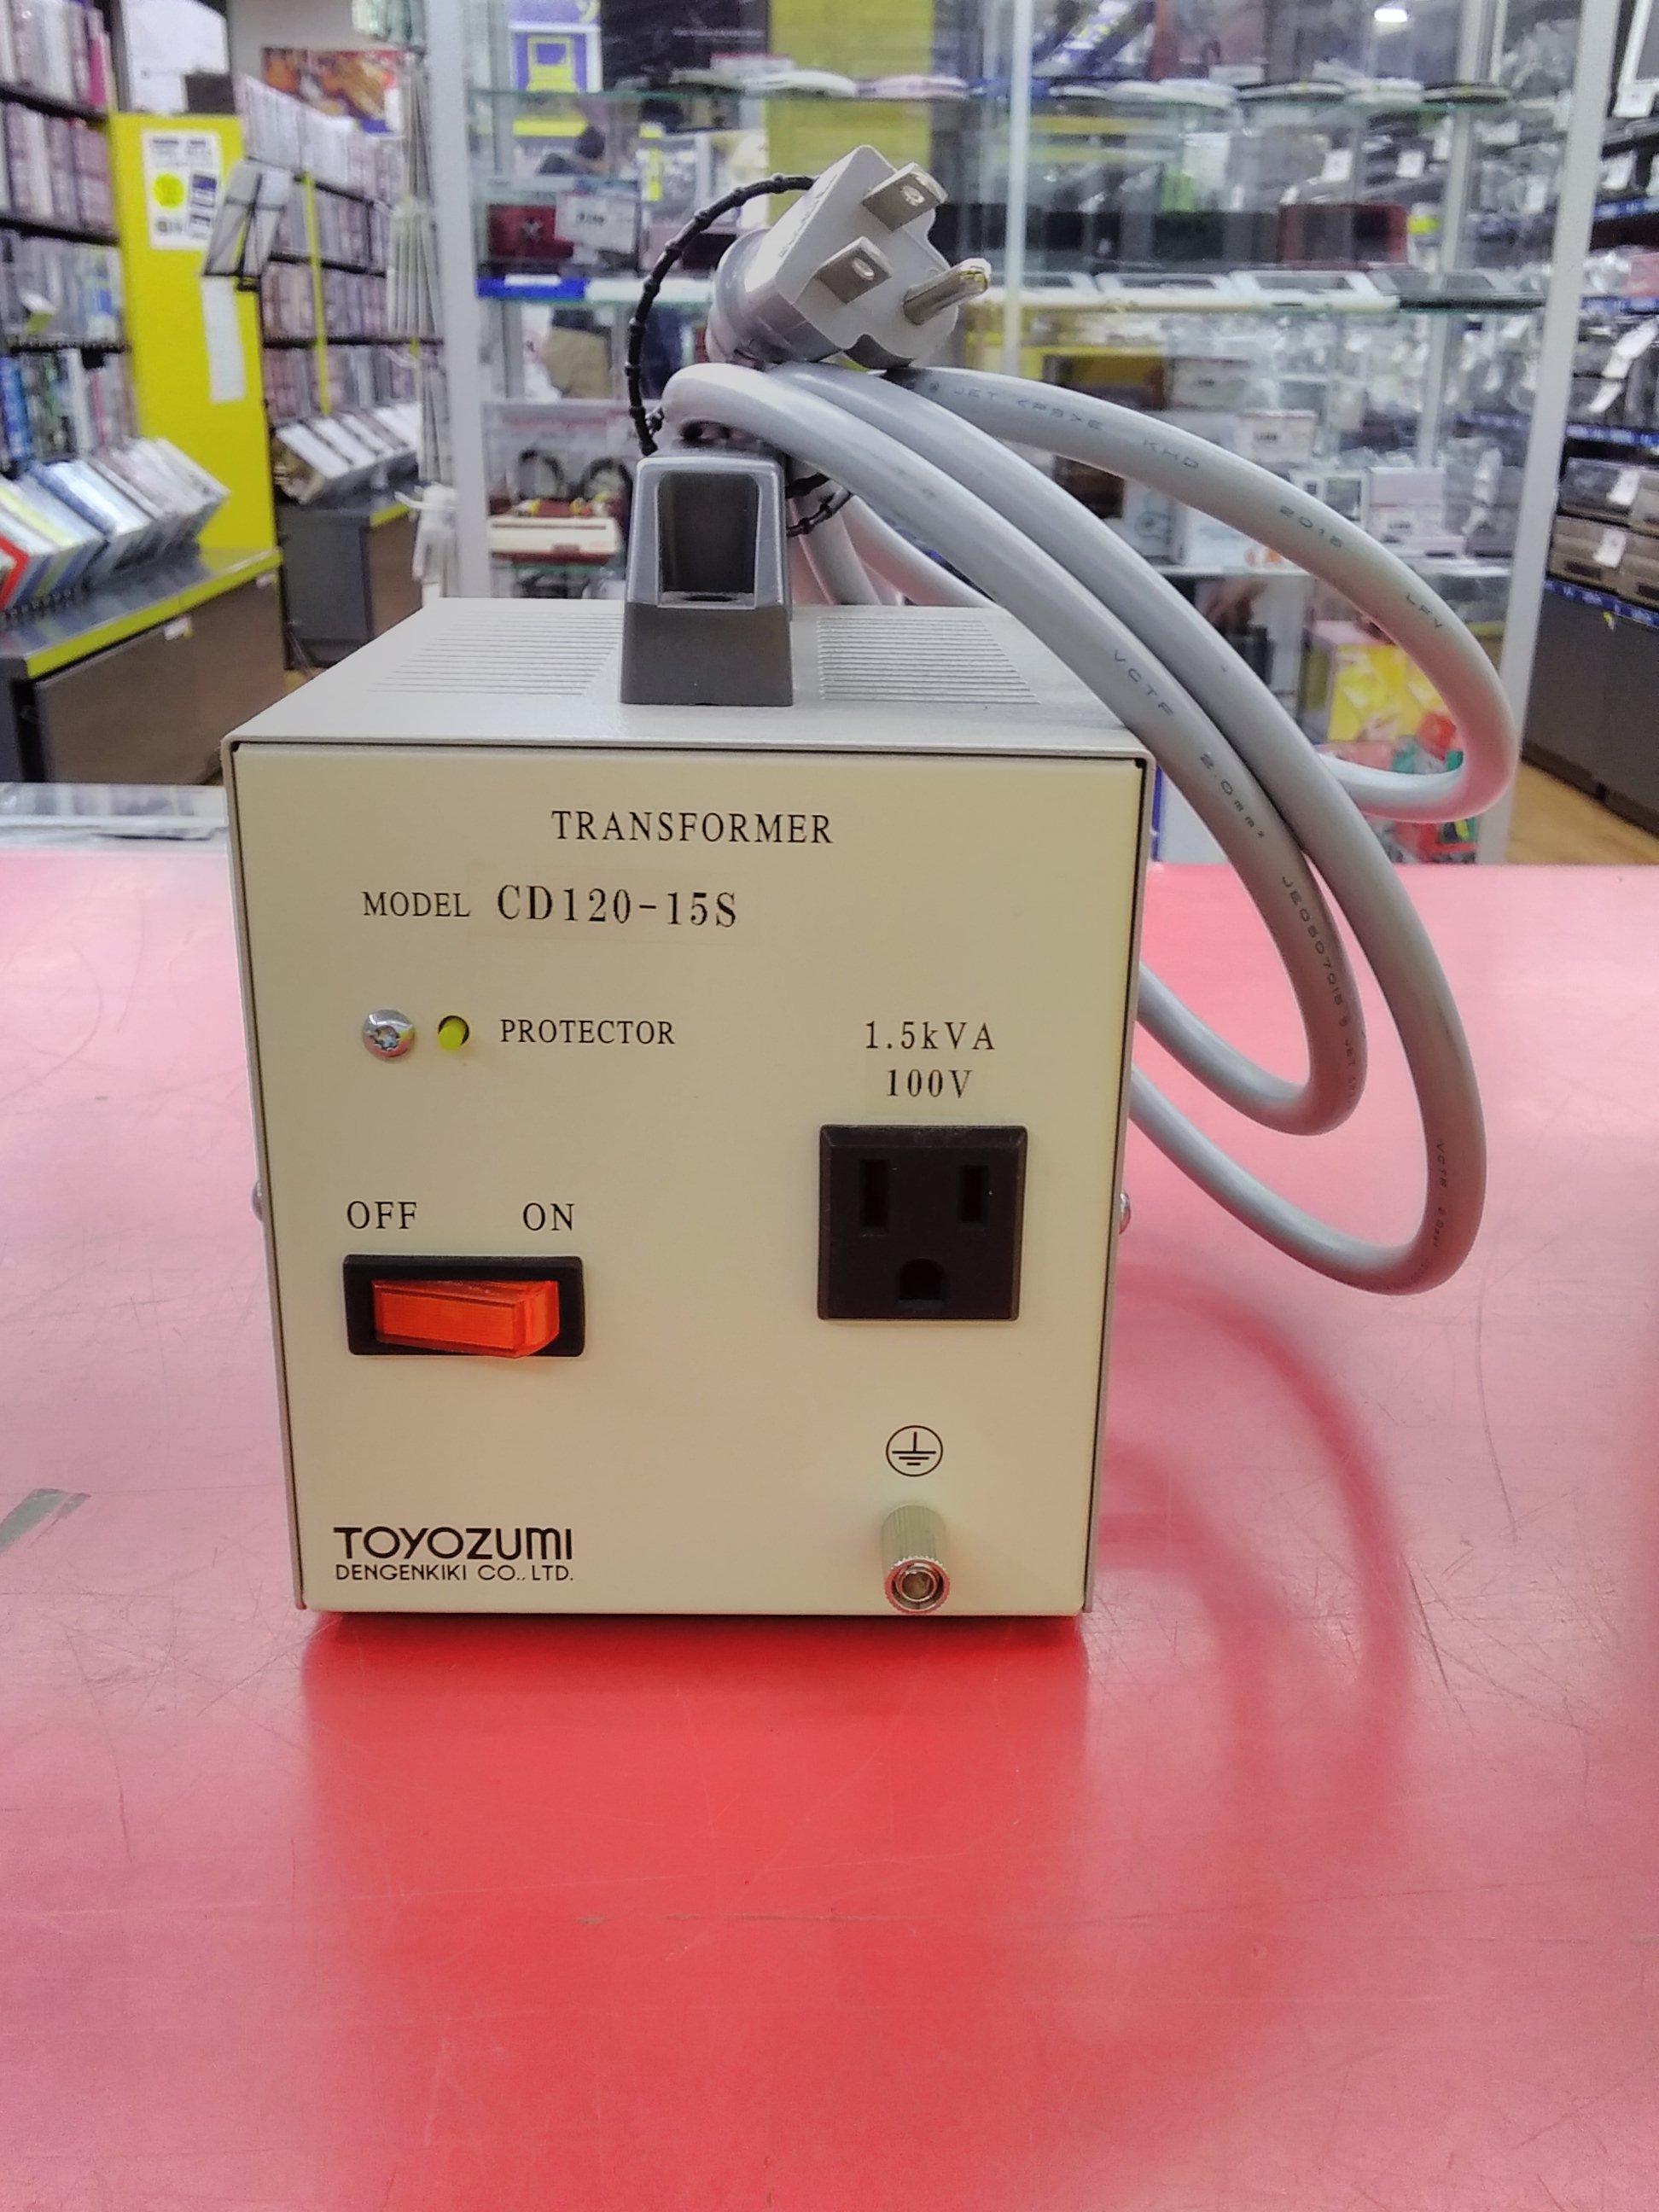 降圧トランス TOYOZUMI CD120-15S TOYOZUMI